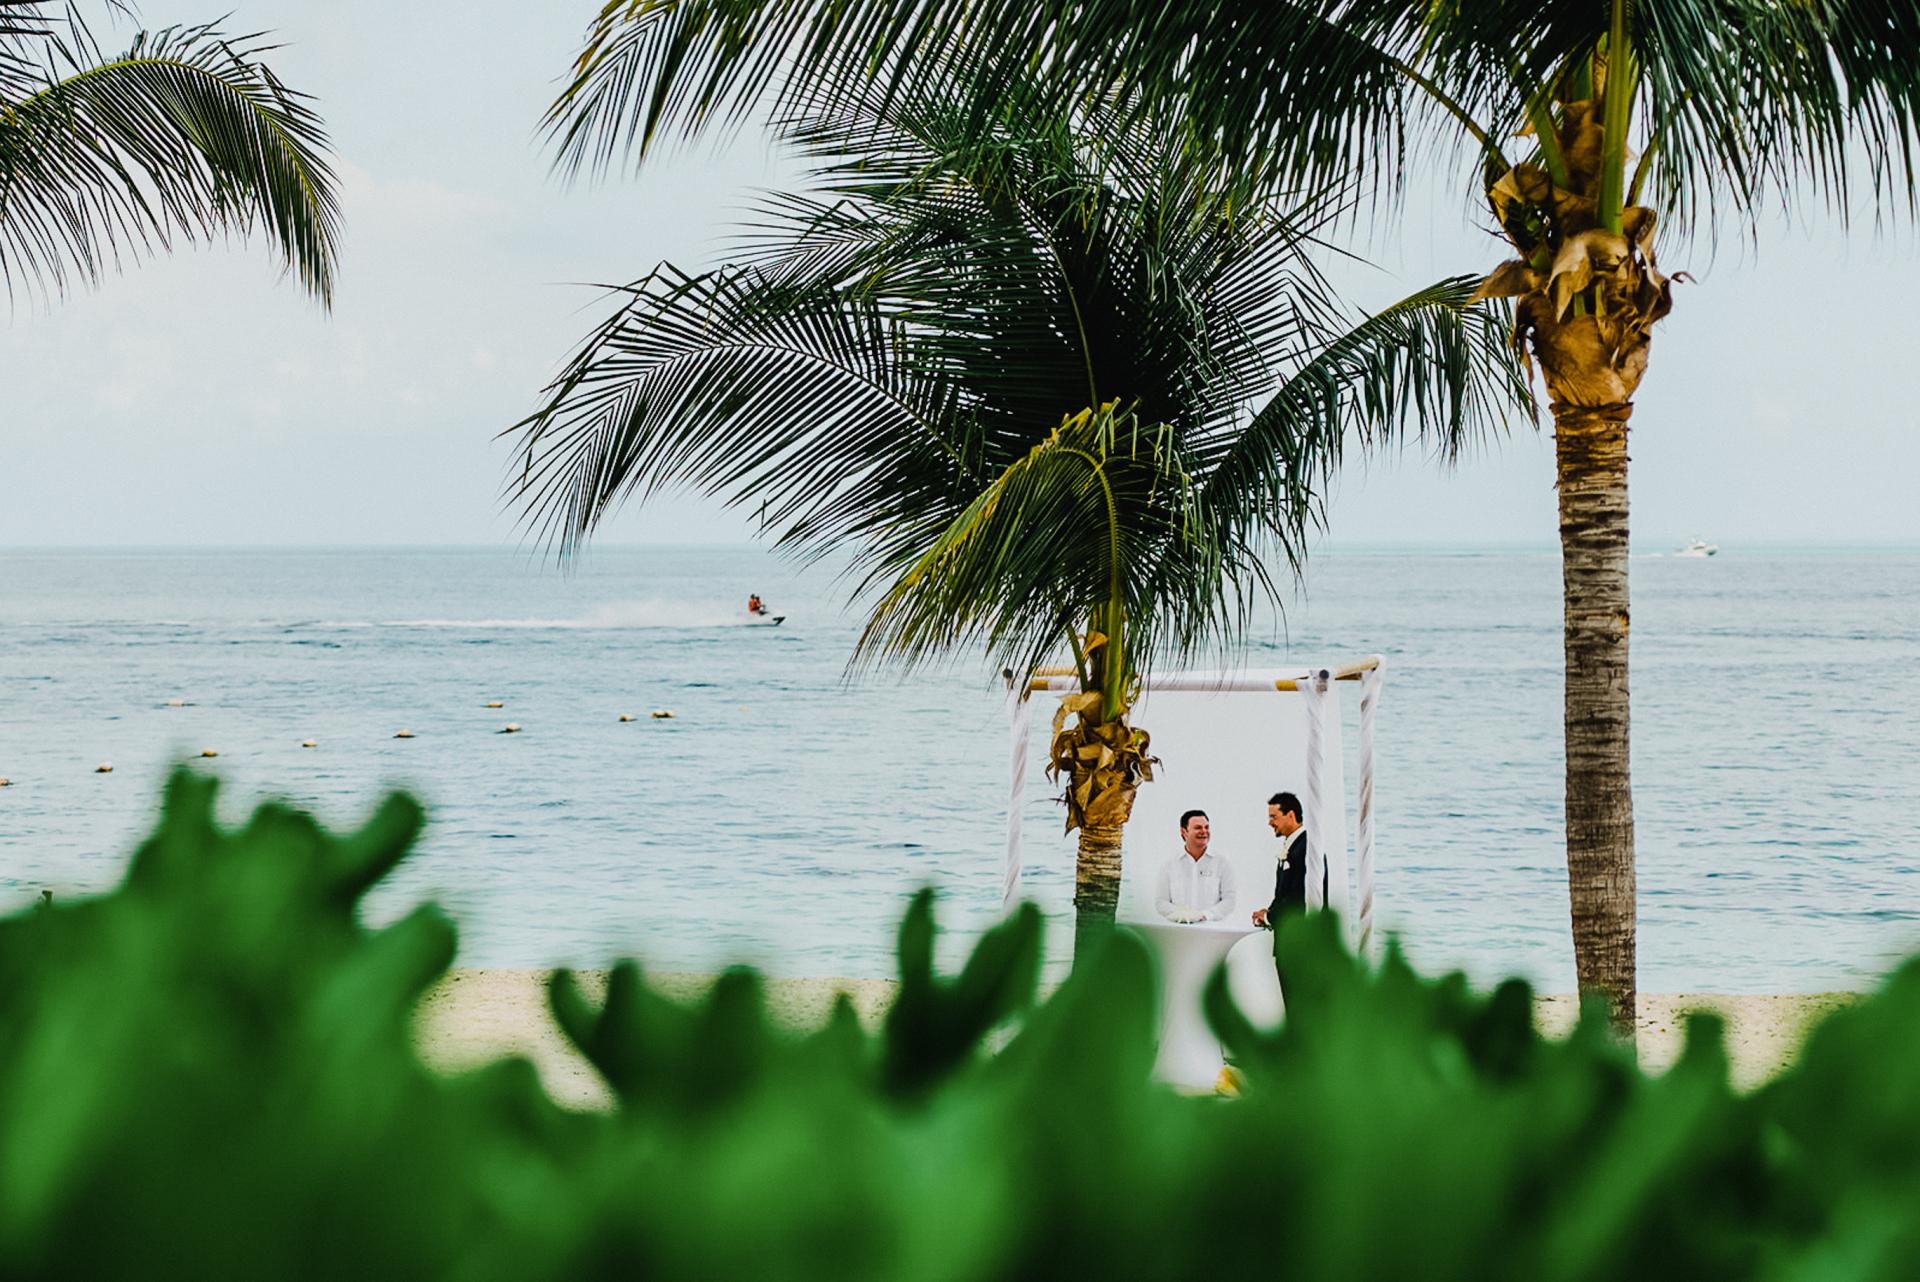 Excellence Playa Mujeres, Cancun, México Imagem de casamento na praia | Palmeiras balançam na brisa e turistas brincam nas ondas